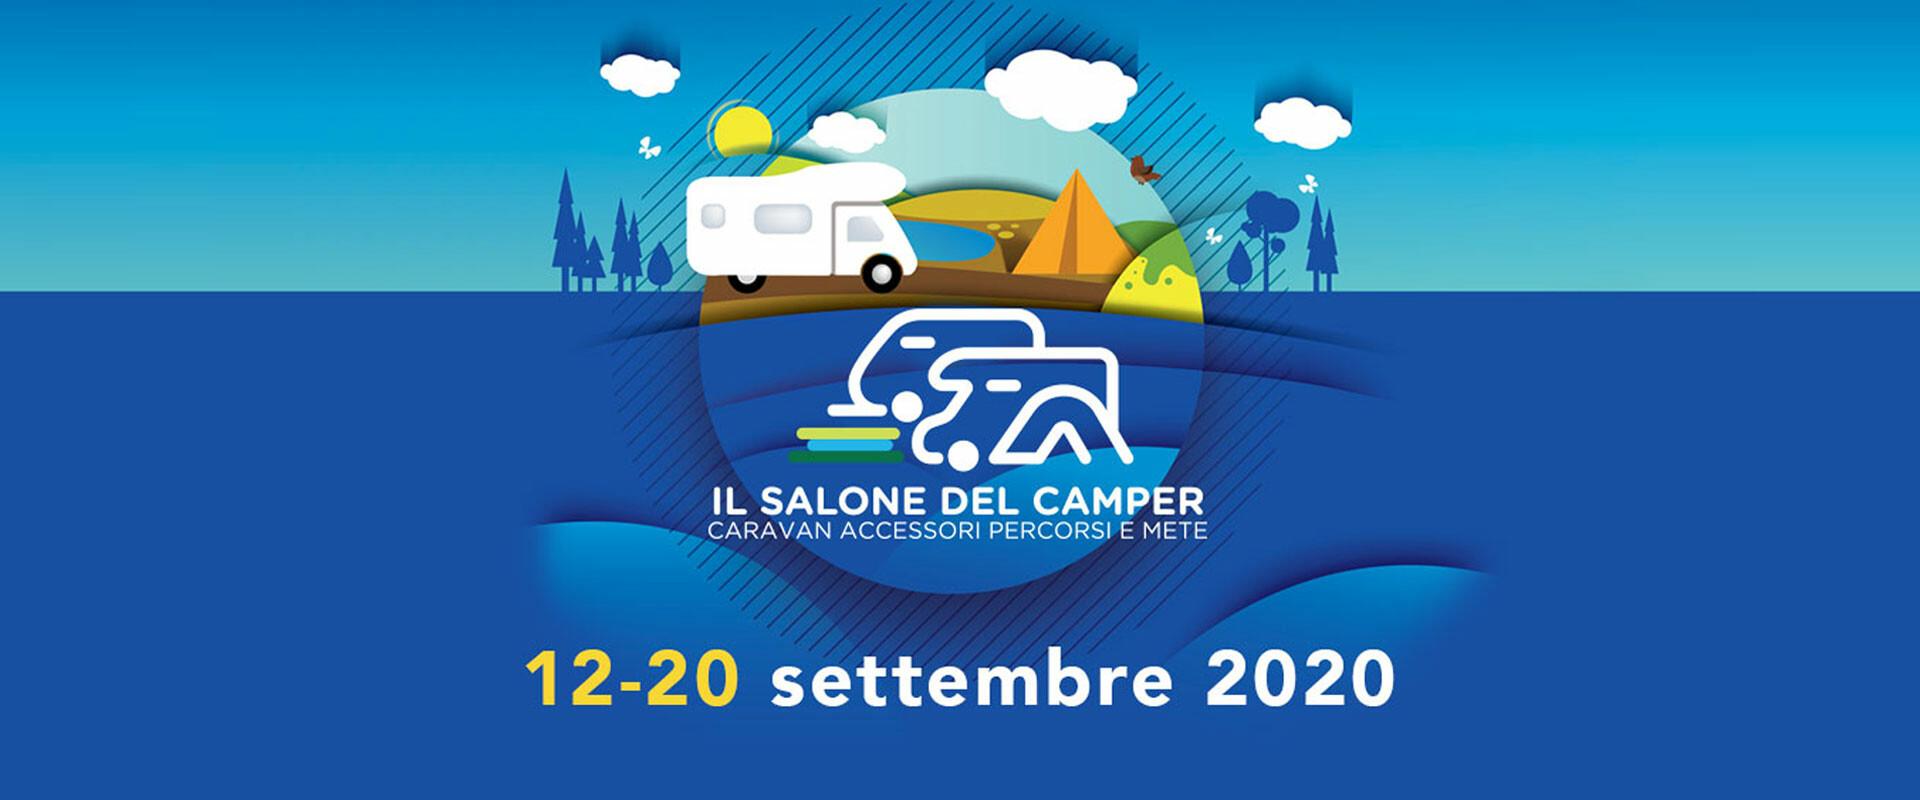 Il Salone del Camper di Parma